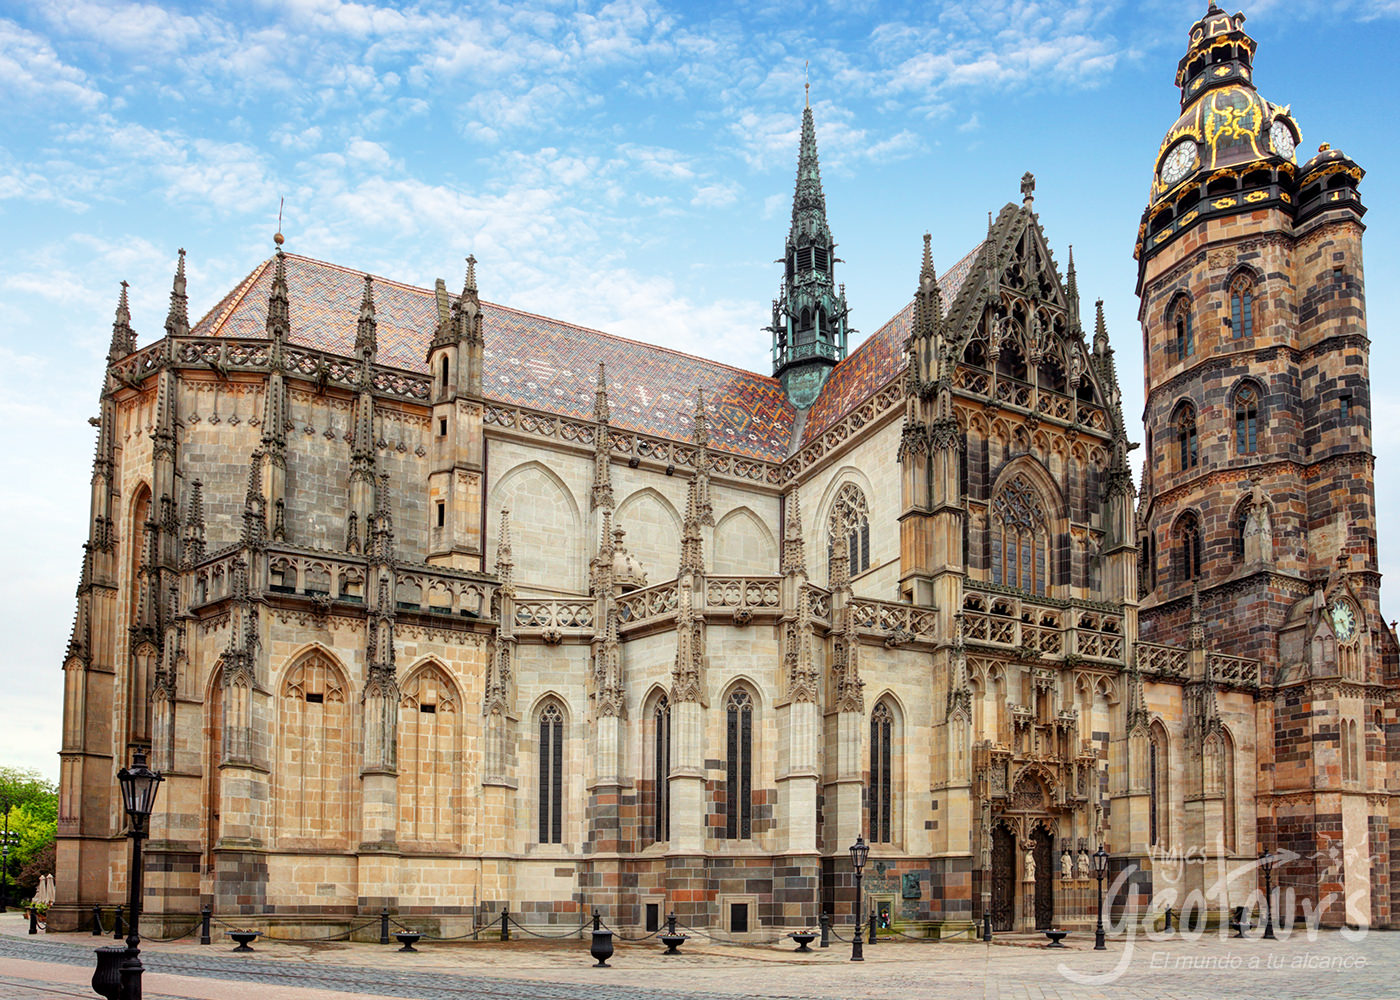 Tours y viajes a Europa de 18 Días desde Bogotá con Tiquetes Aéreos